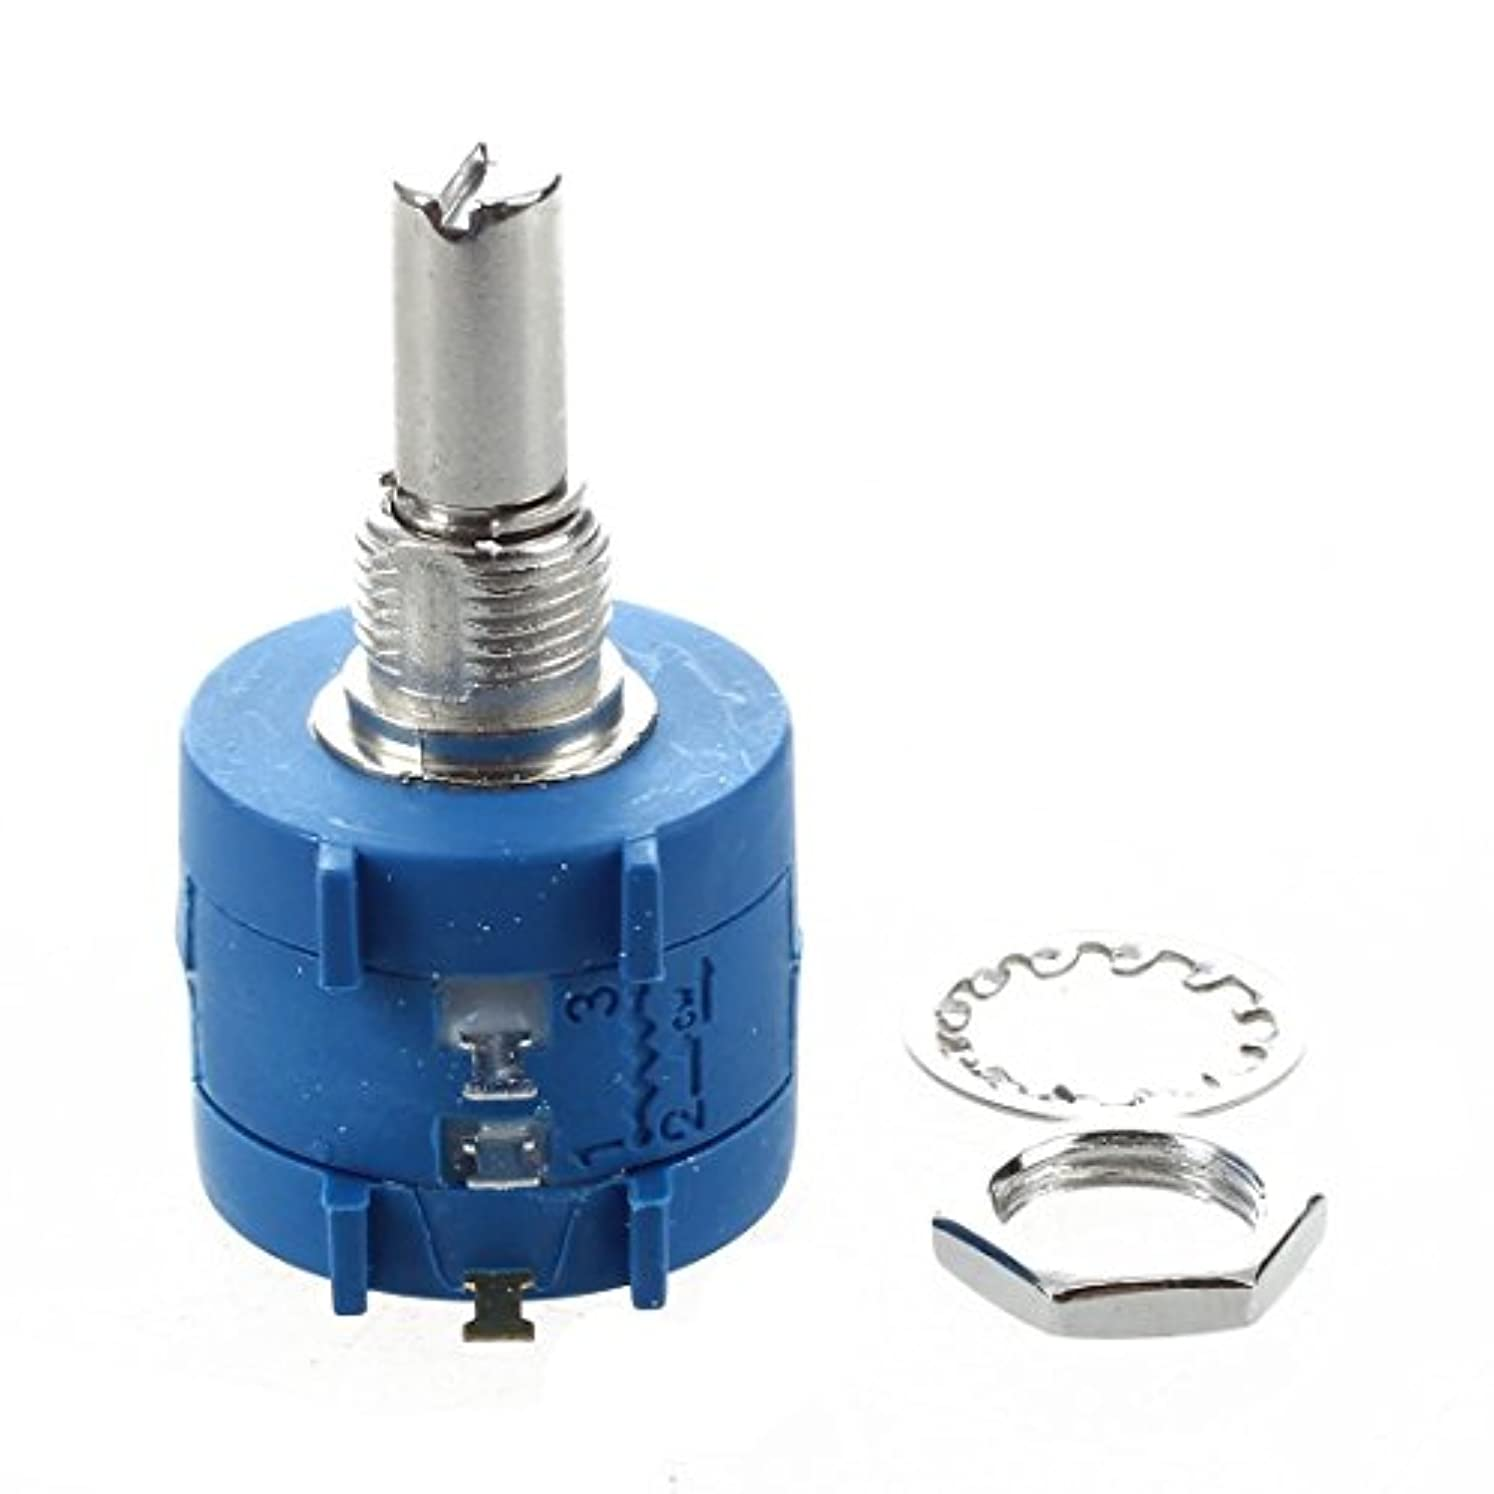 ライバル節約いっぱいACAMPTAR ACAMPTAR(R)3590S-2-103L 10Kオーム10ターンロータリー巻き線精密ポテンショメータ